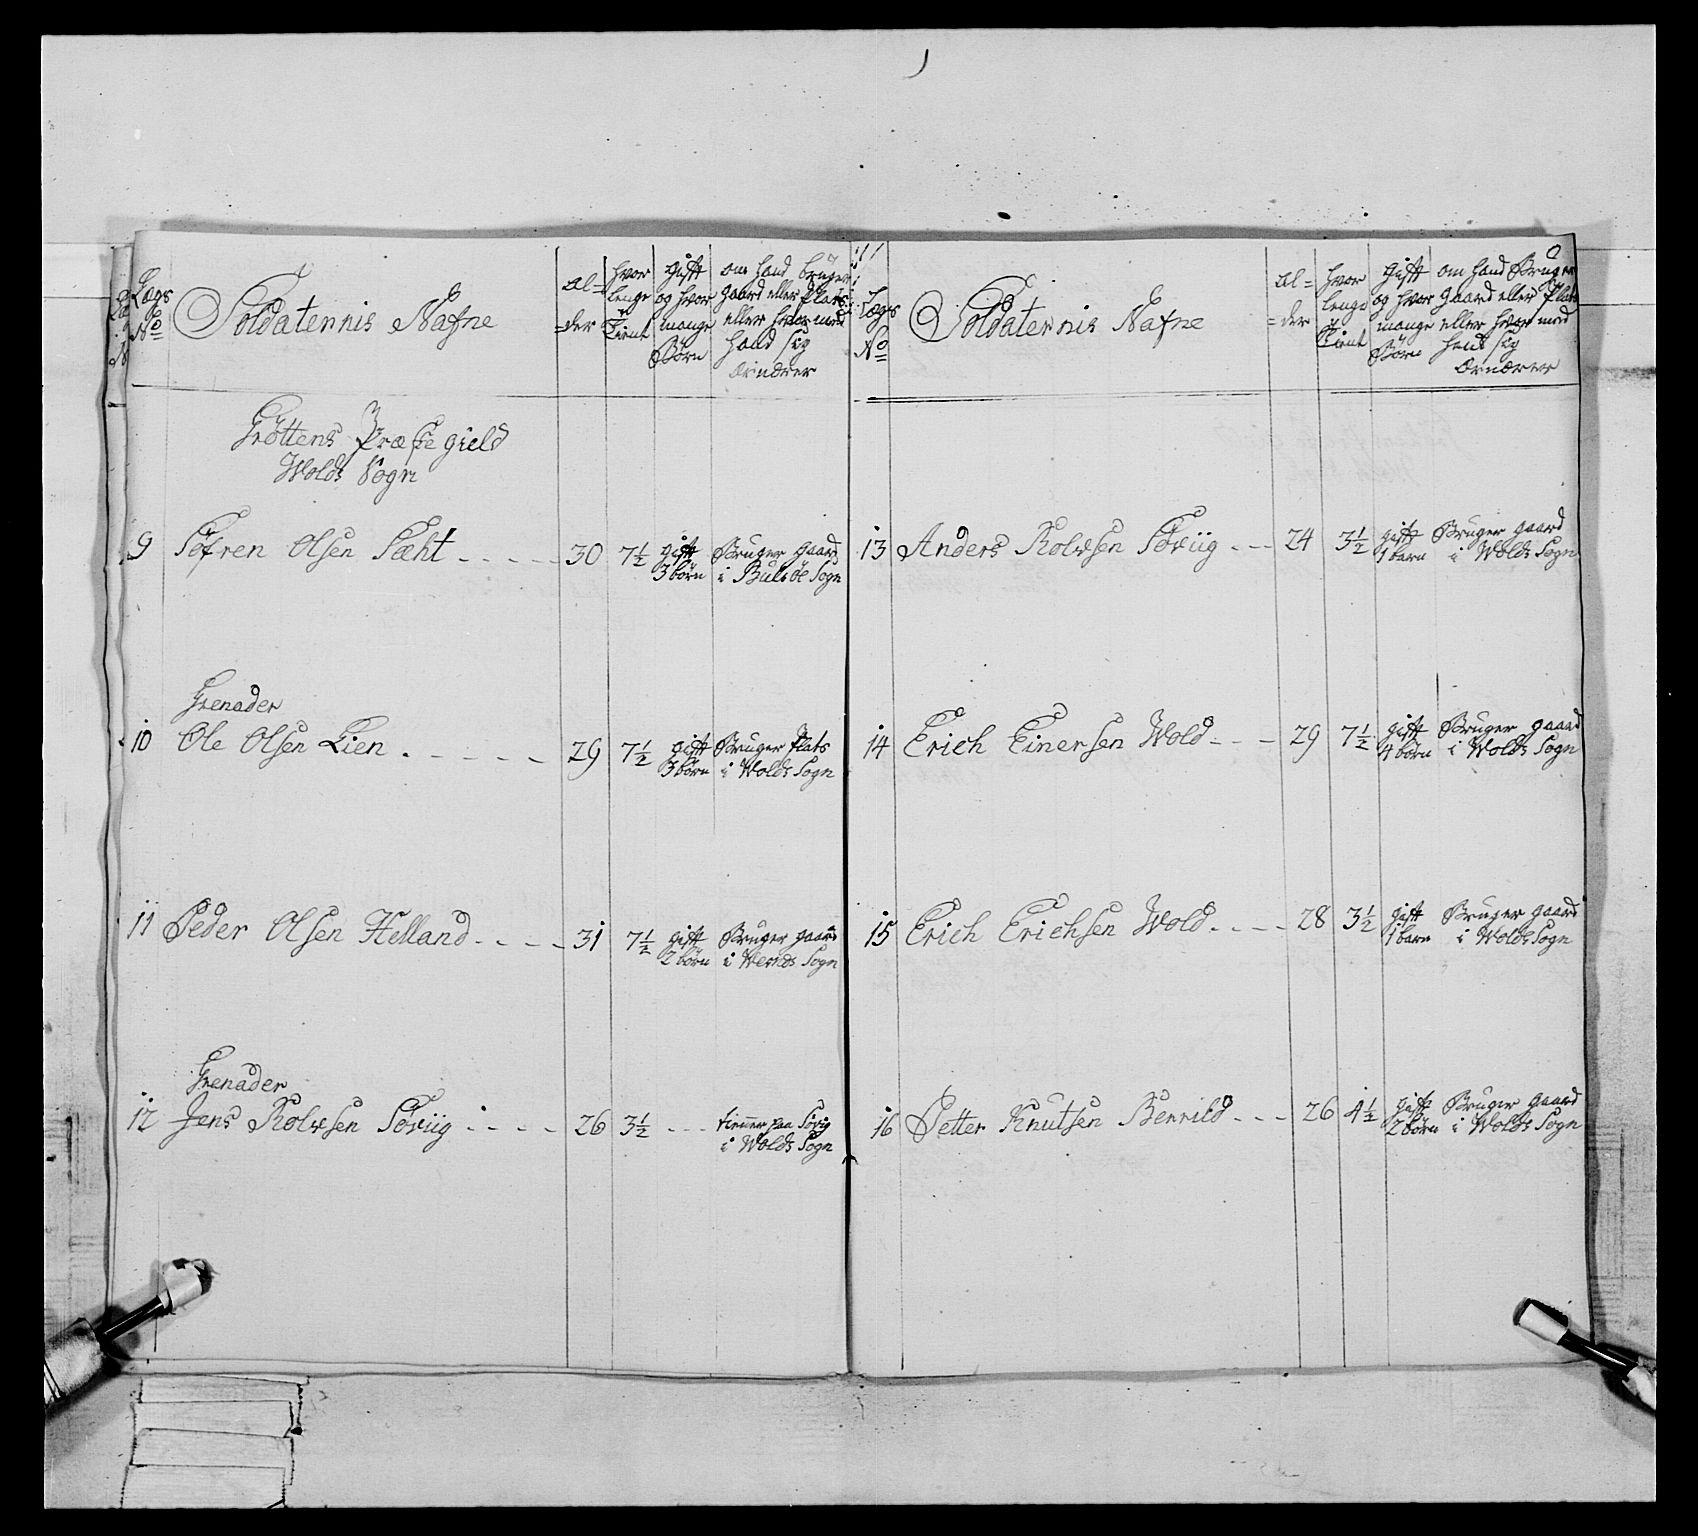 RA, Generalitets- og kommissariatskollegiet, Det kongelige norske kommissariatskollegium, E/Eh/L0076: 2. Trondheimske nasjonale infanteriregiment, 1766-1773, s. 512